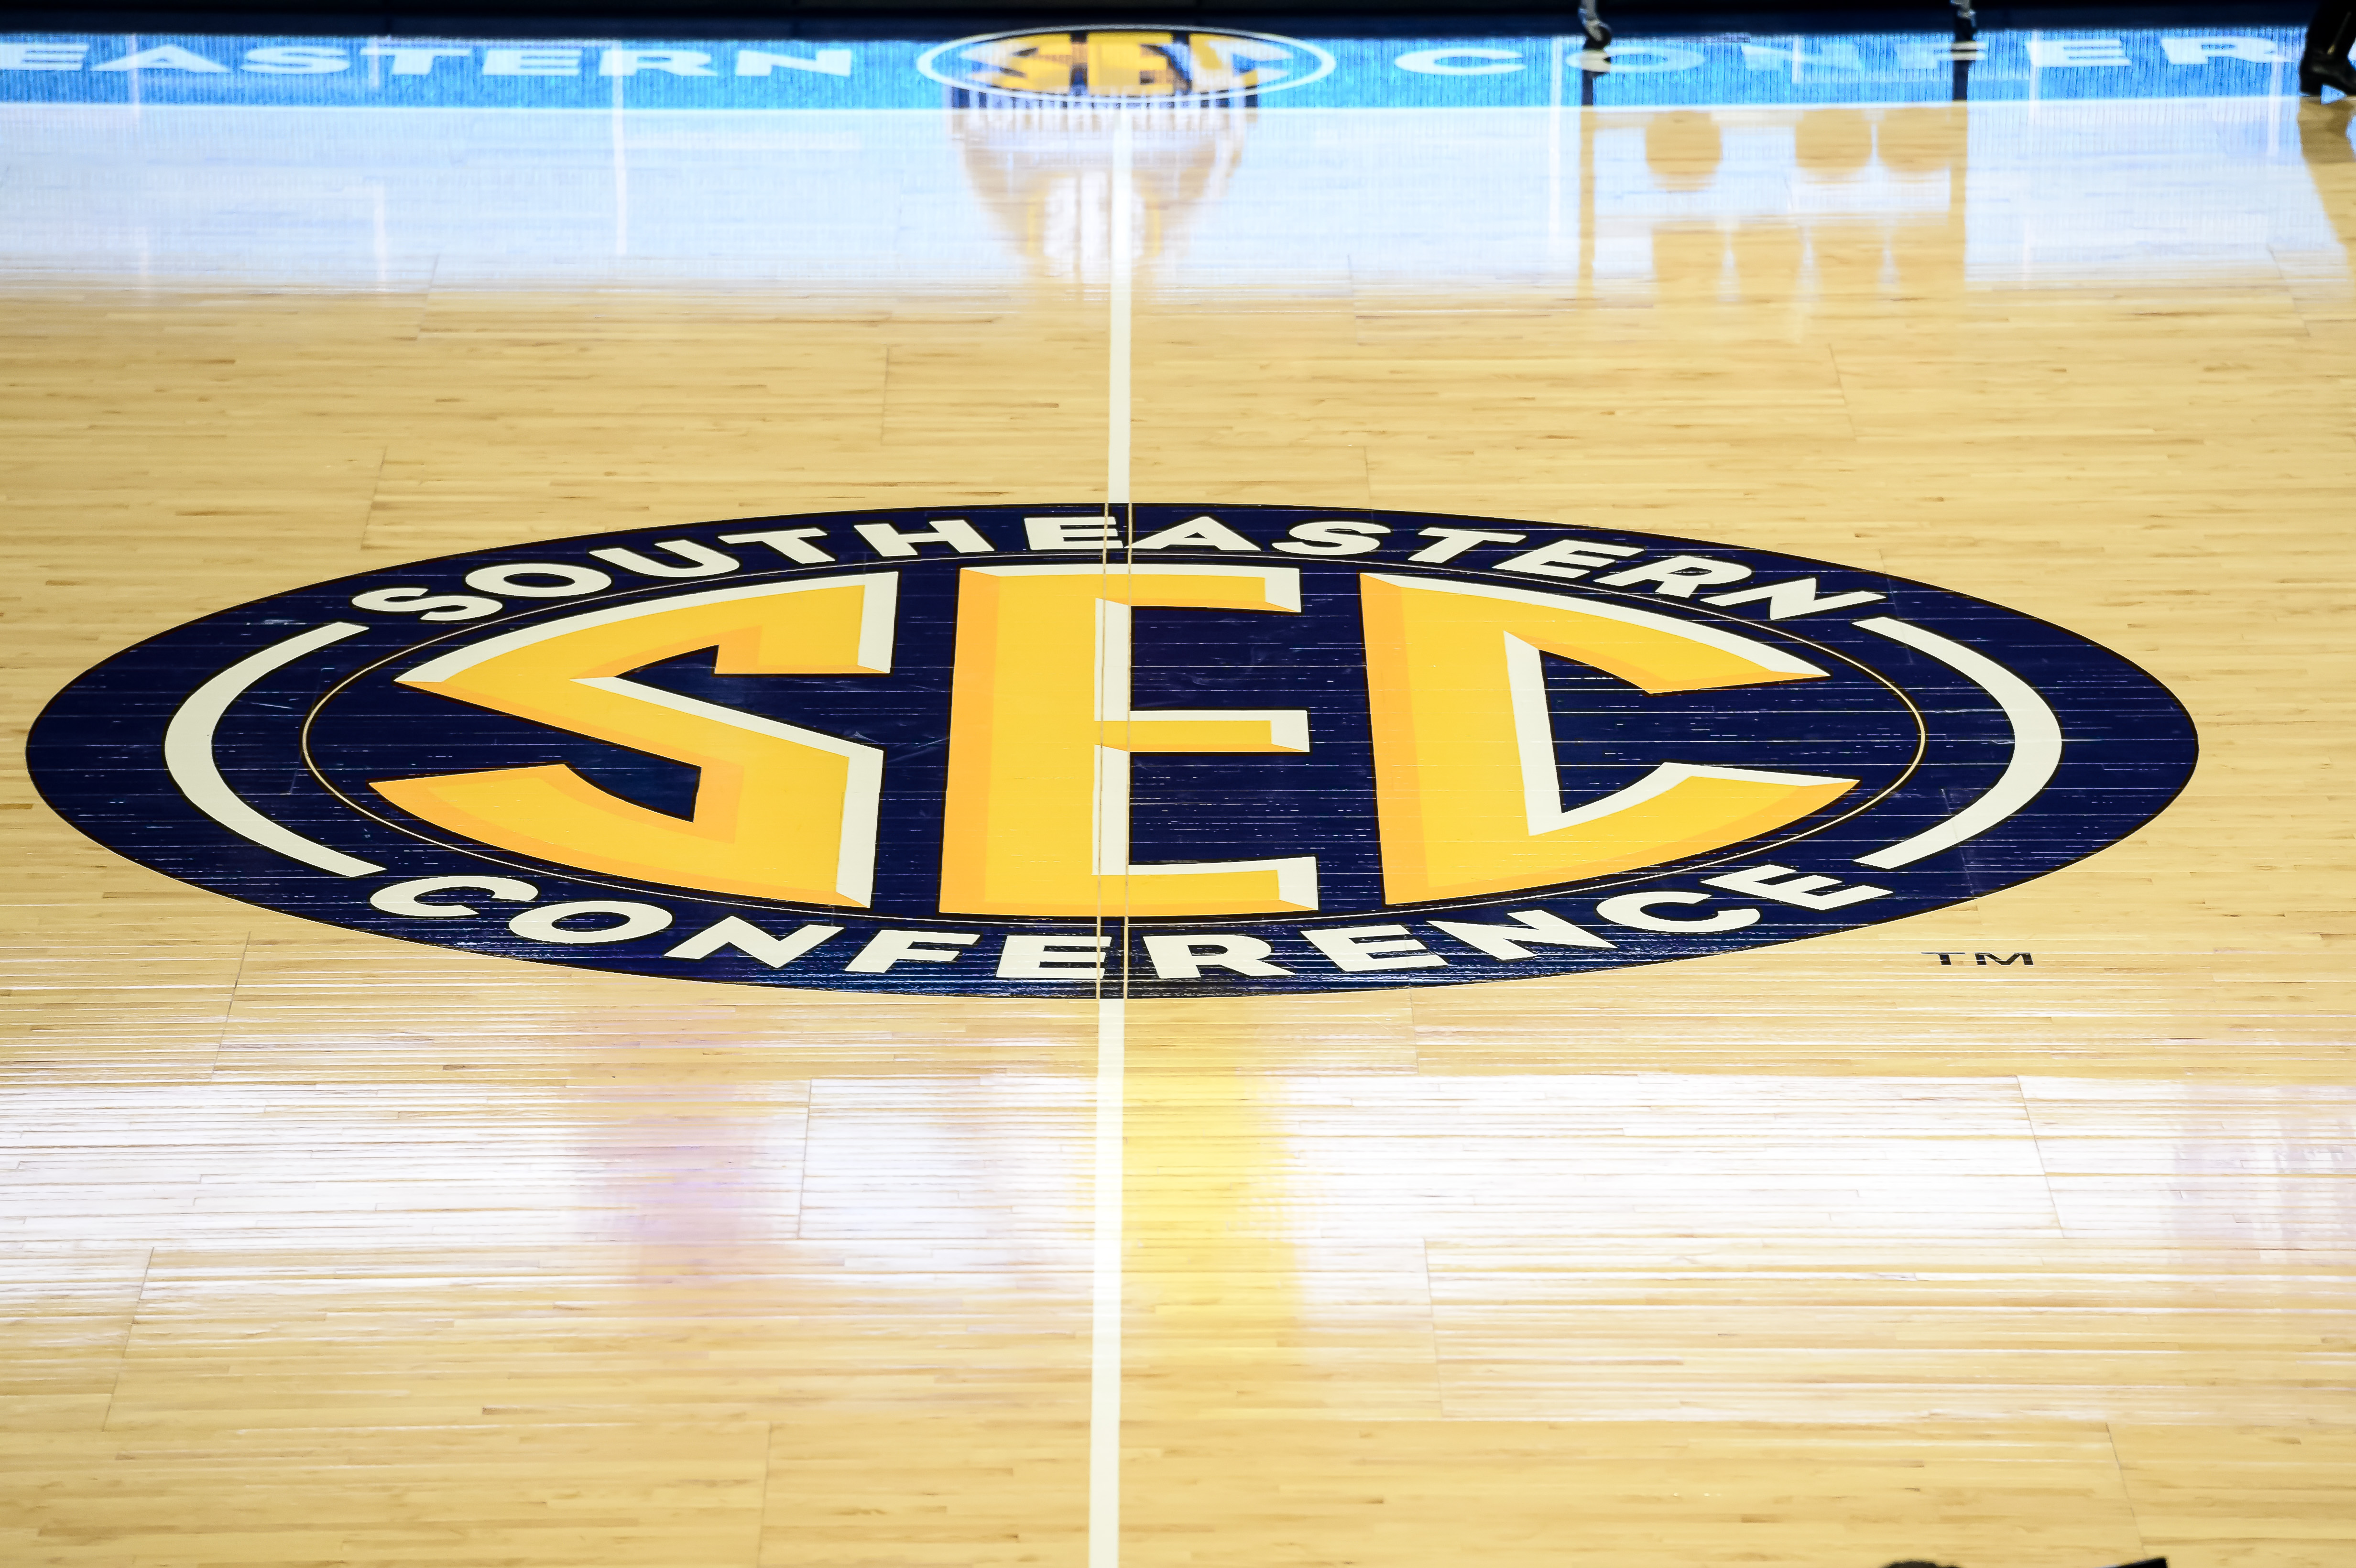 COLLEGE BASKETBALL: MAR 01 SEC Women's Tournament - Alabama v Vanderbilt